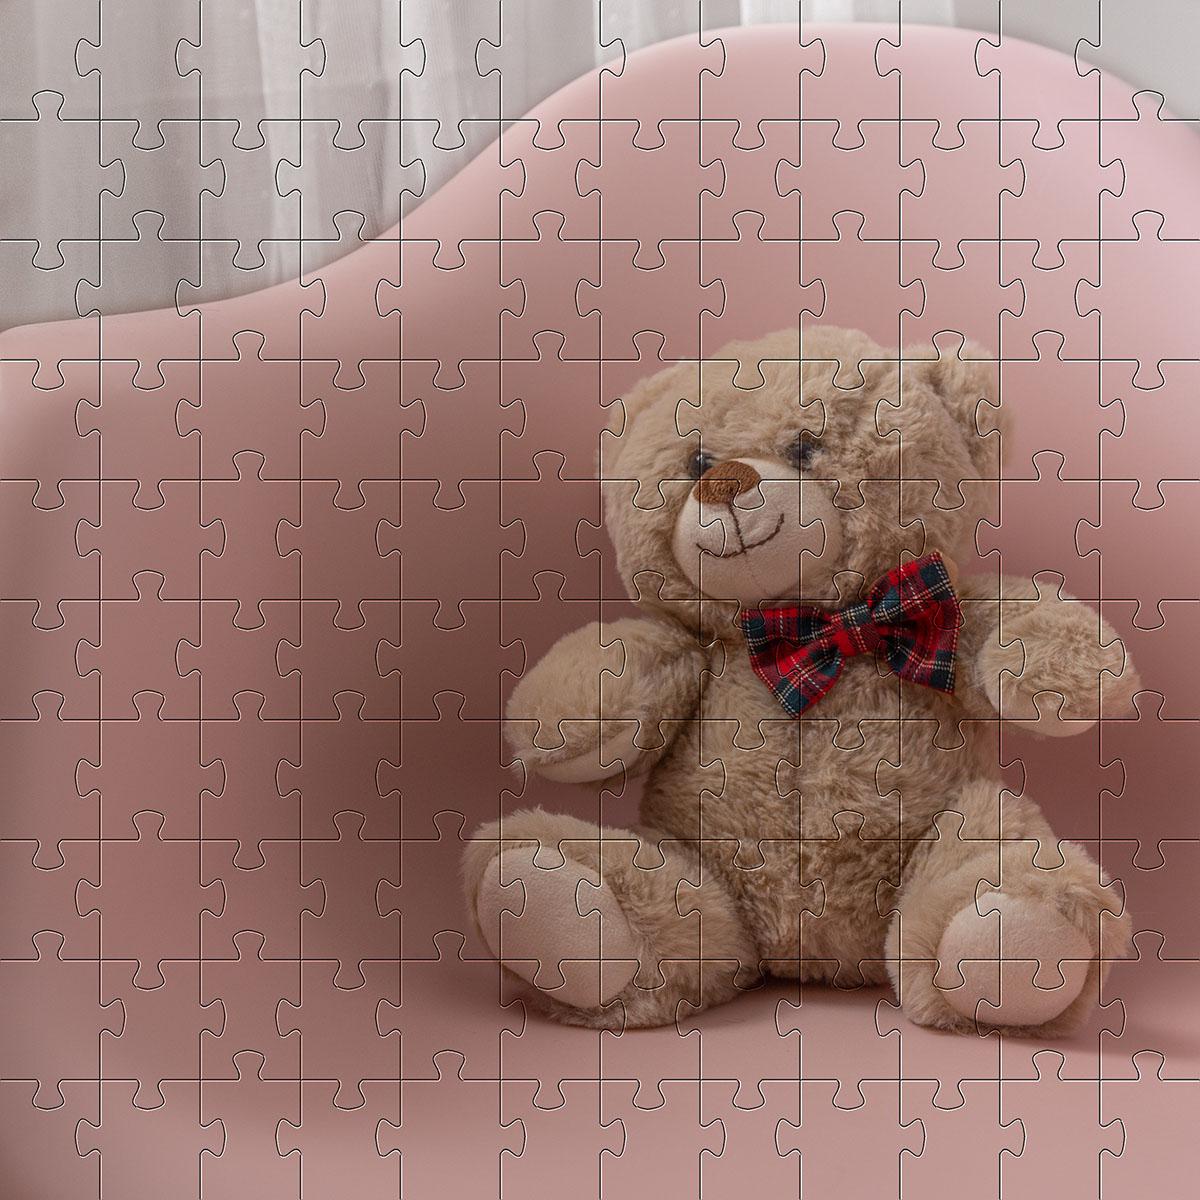 Quebra cabeça para crianças Infantil -Tema Ursinhos- 48 peças